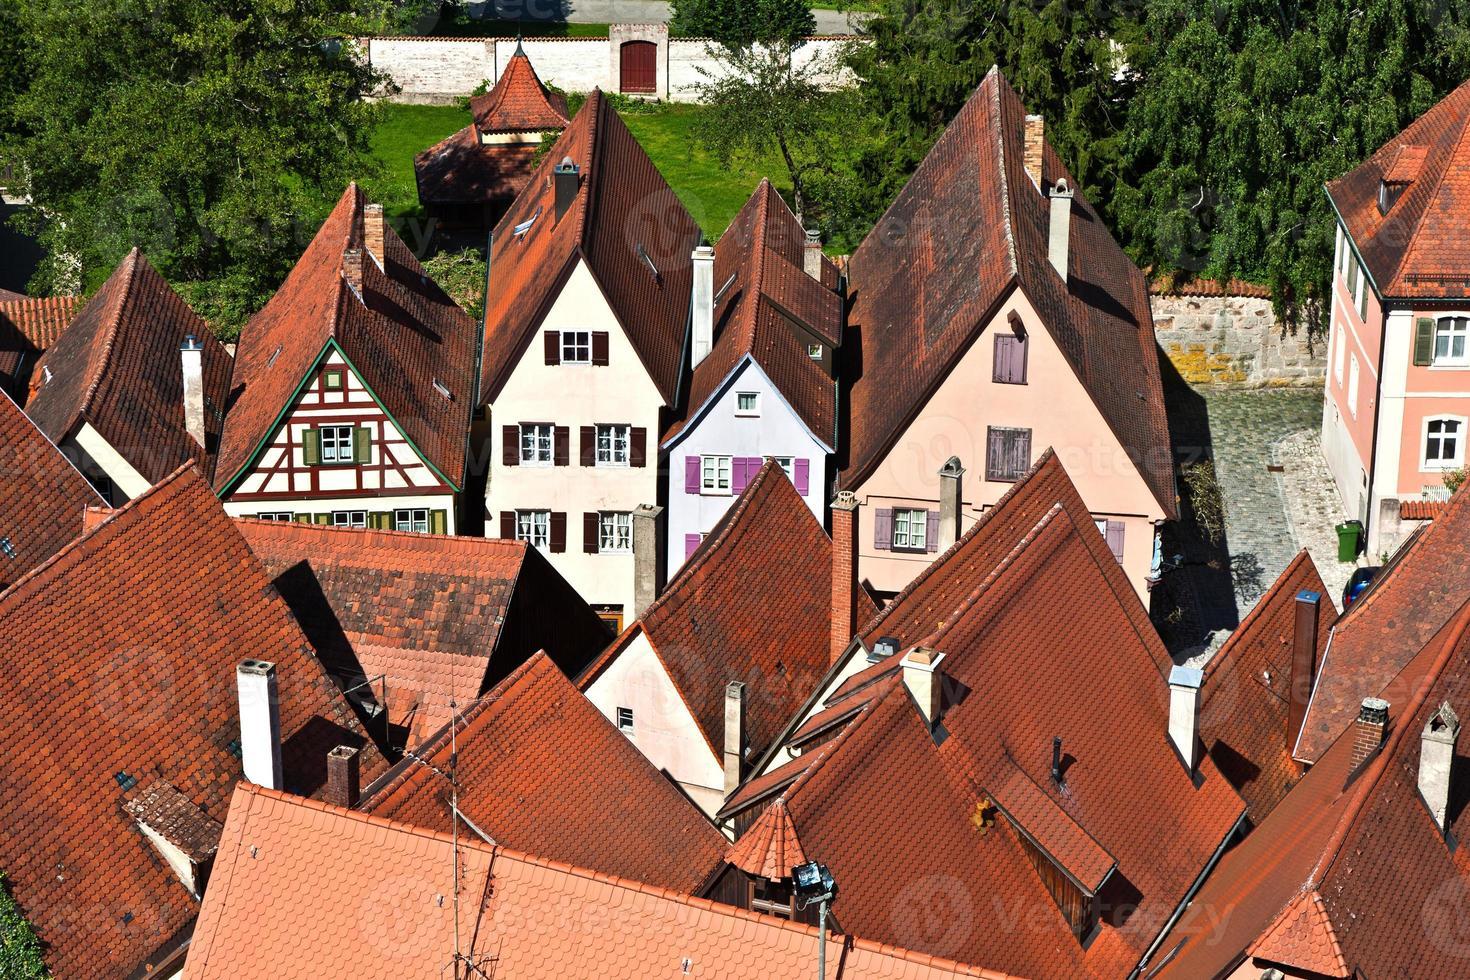 ciudad medieval dinkelsbuehl en alemania foto